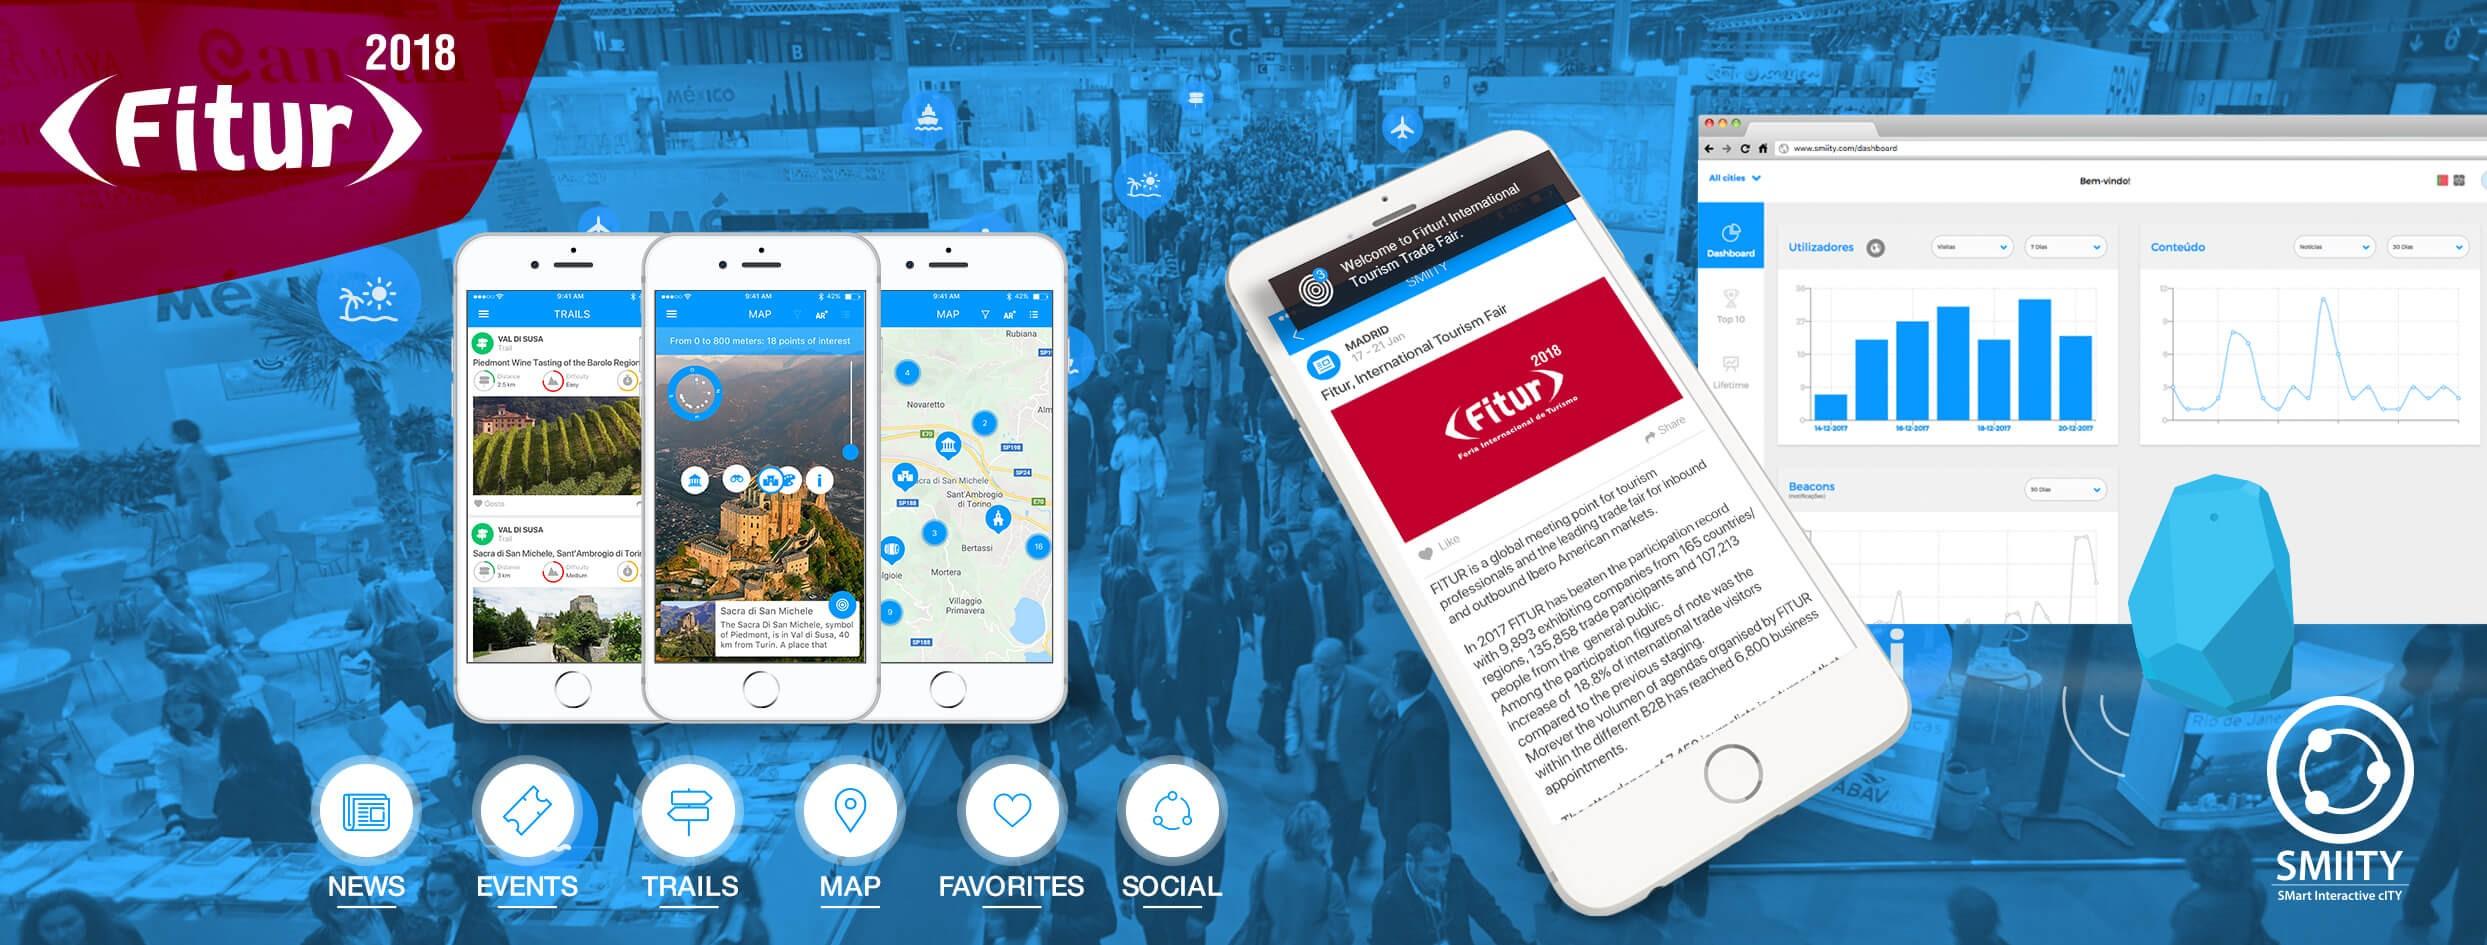 """Melhor app """"guia turística"""" é portuguesa. É SMIITY"""